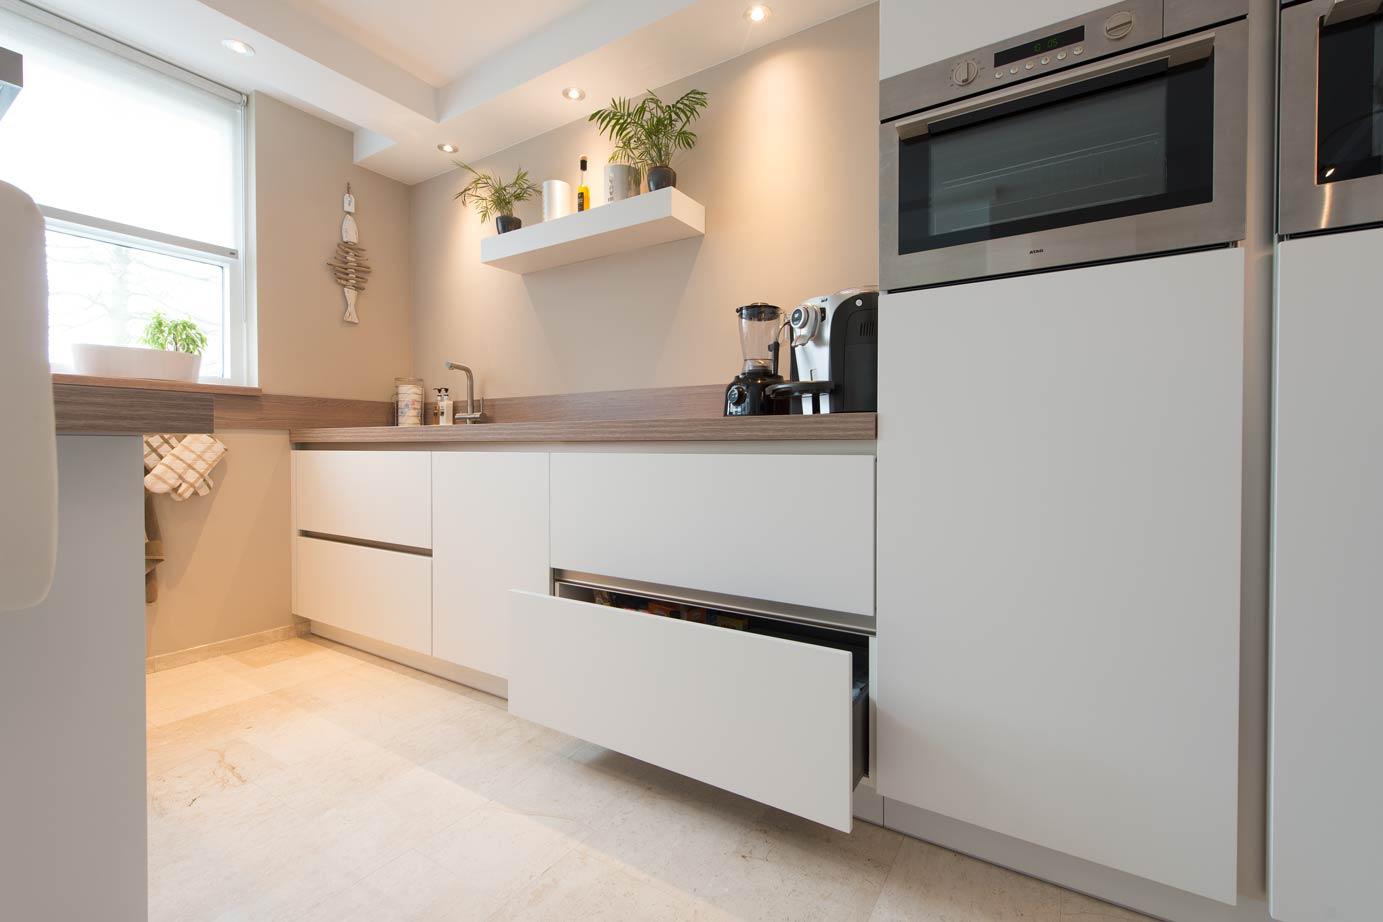 Kosten Keuken Zonder Apparatuur : Keukenstijlen krijg informatie en inspiratie en bekijk